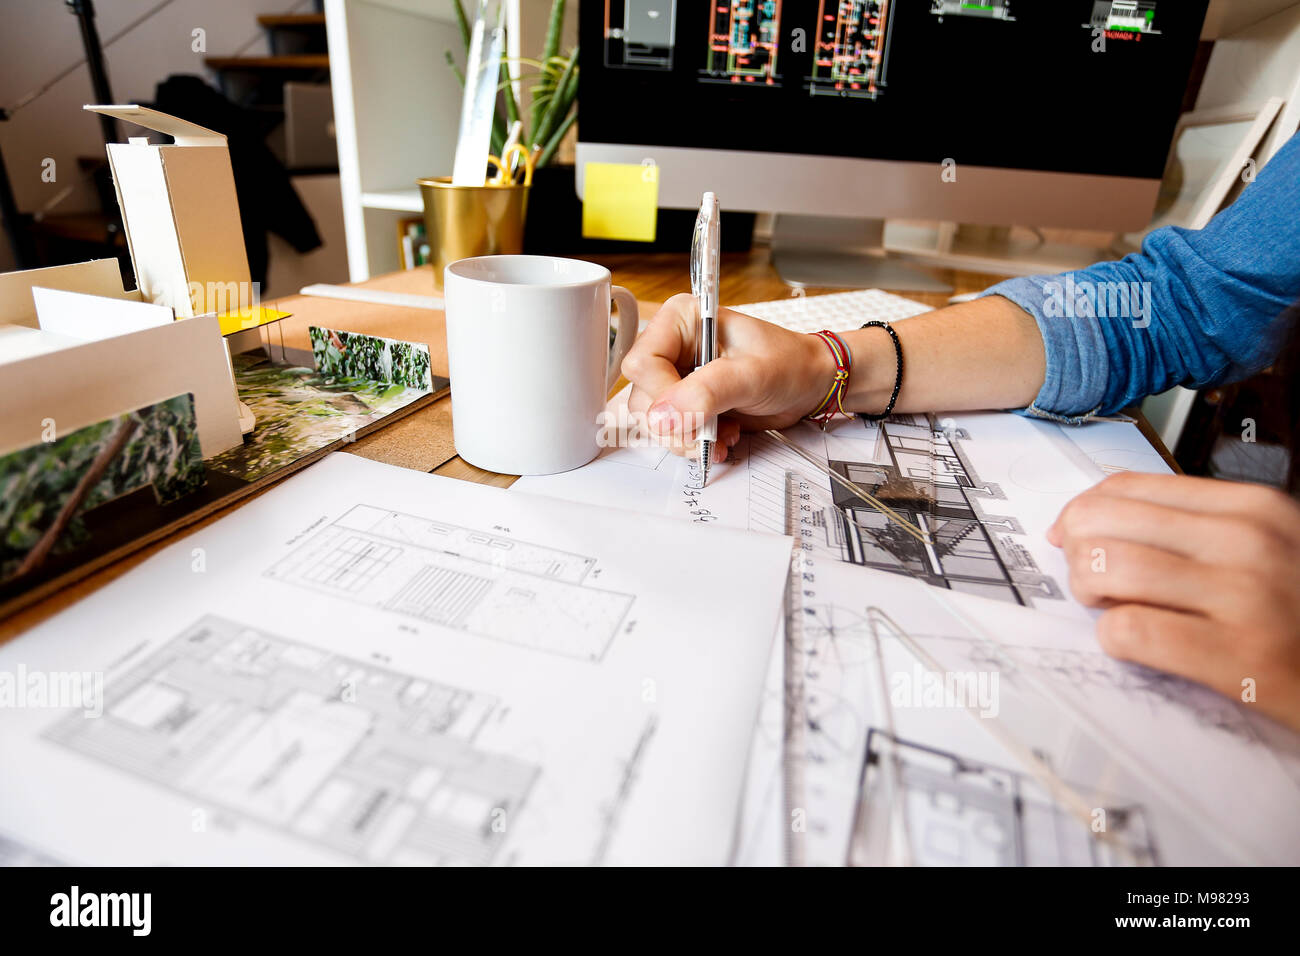 Giovane donna che lavorano in ufficio di architettura, progetti di disegno Foto Stock